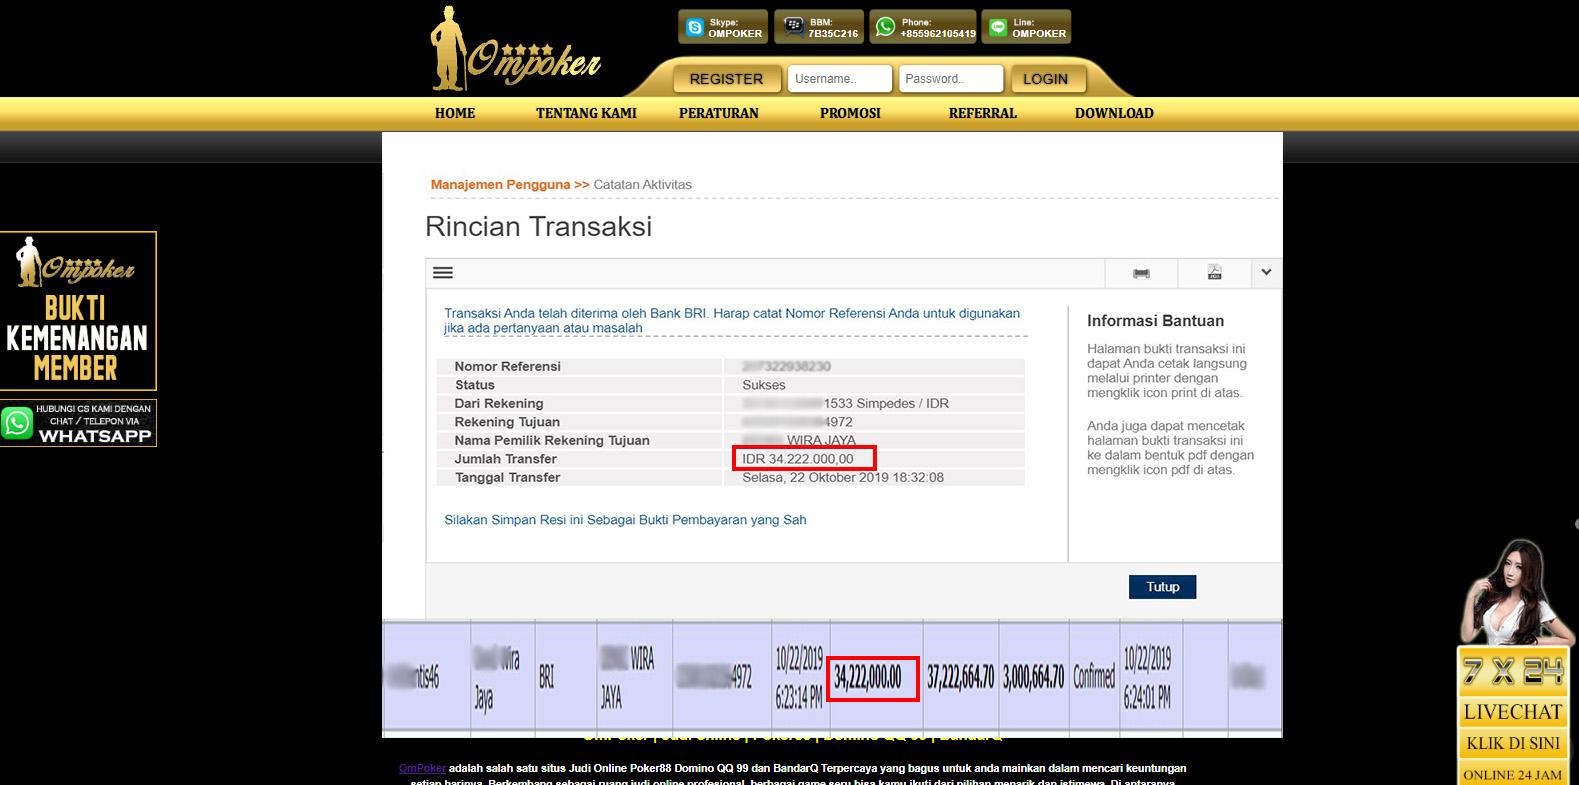 Selamat Kepada Member Setia Ompoker WD Rp 34.222.000